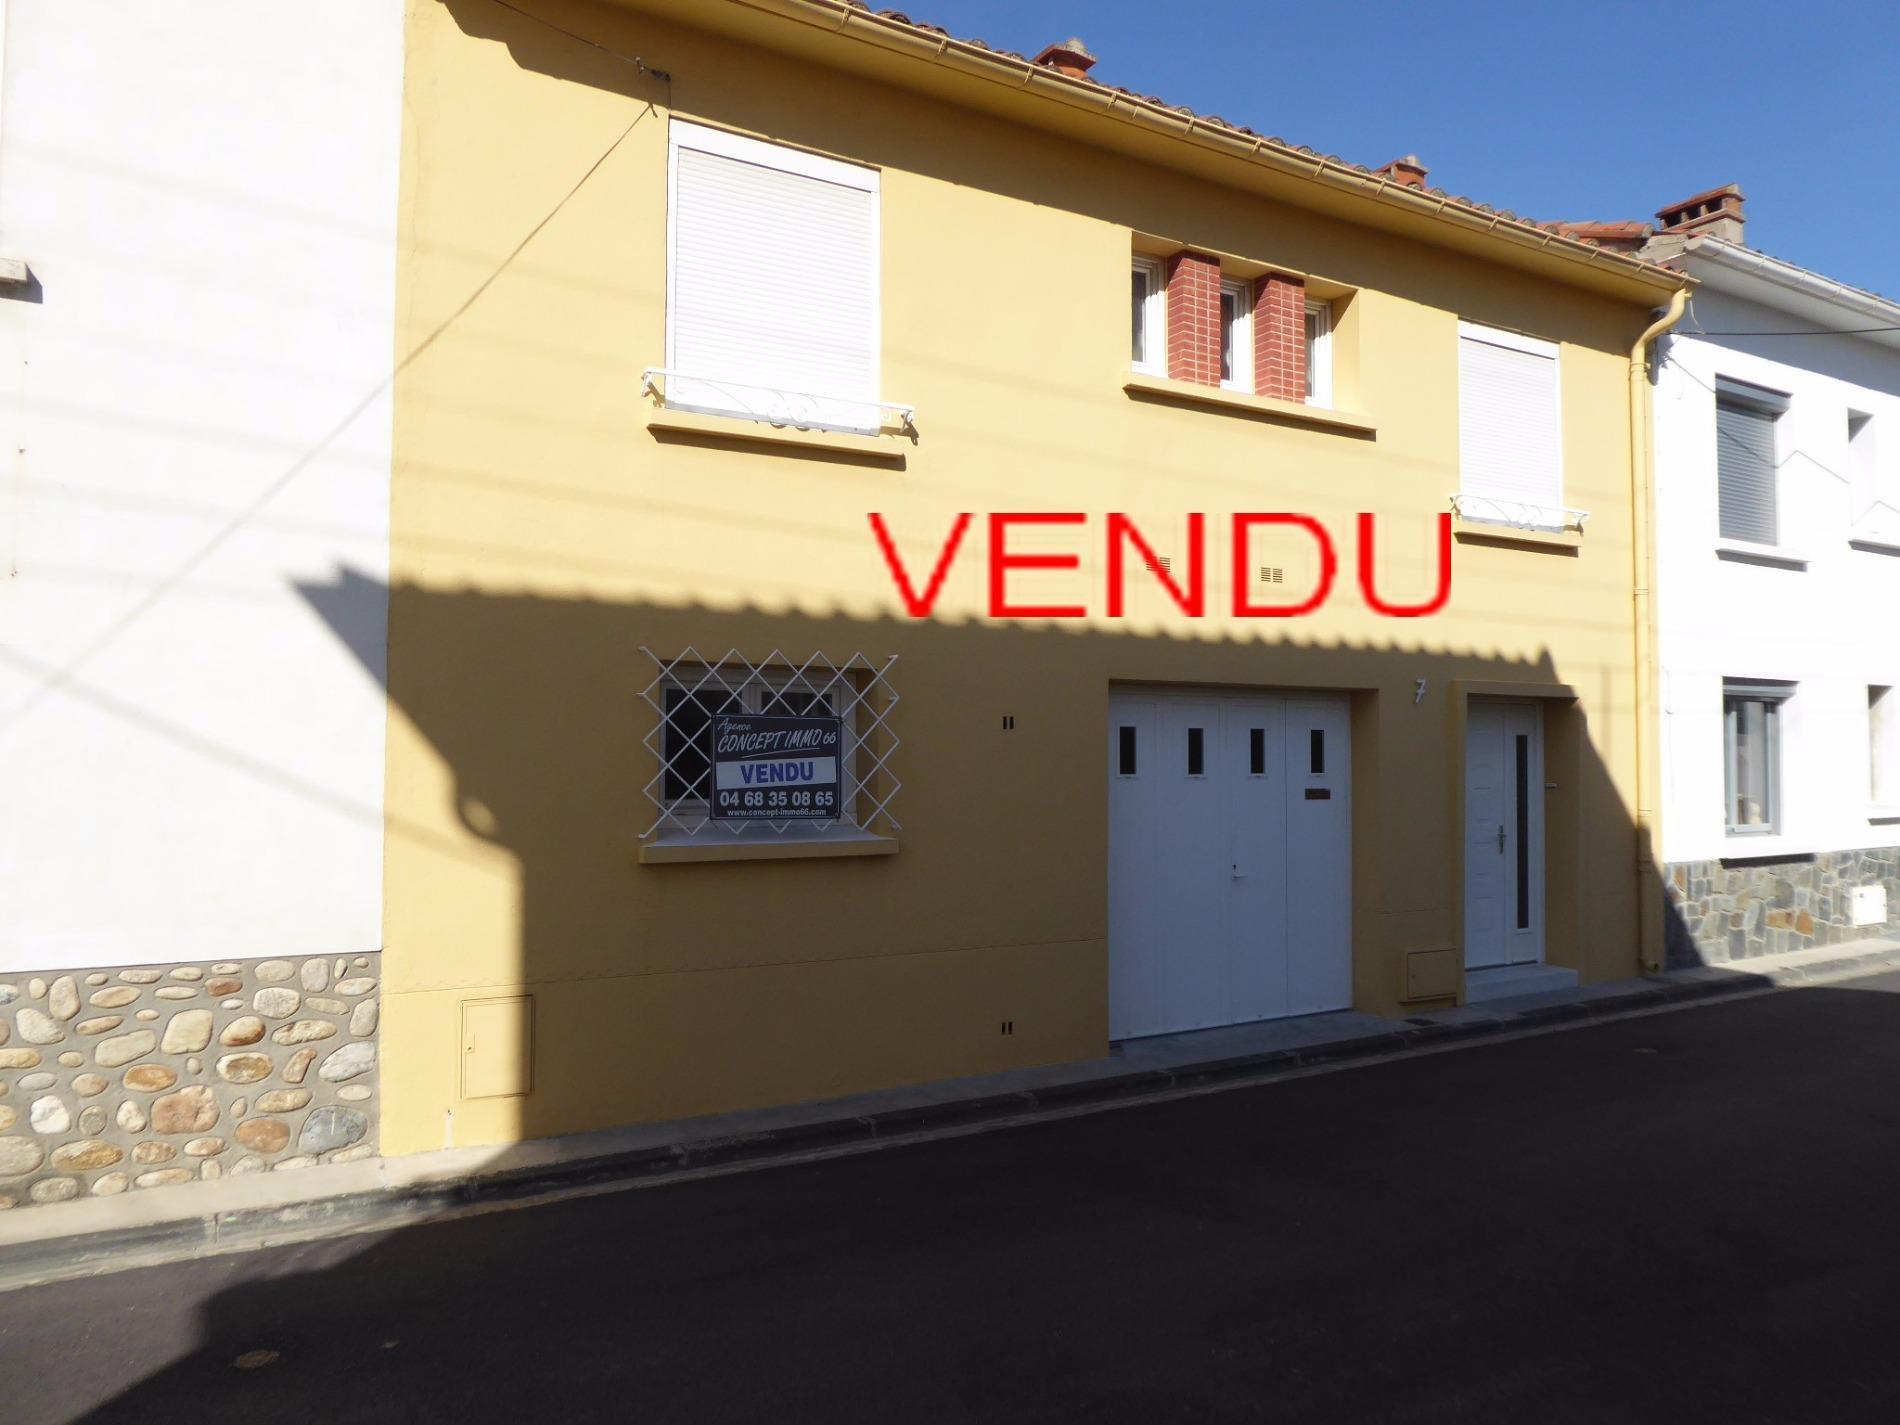 Vente appartements et maisons sur las cobas perpignan - Jardin ville de quebec perpignan ...